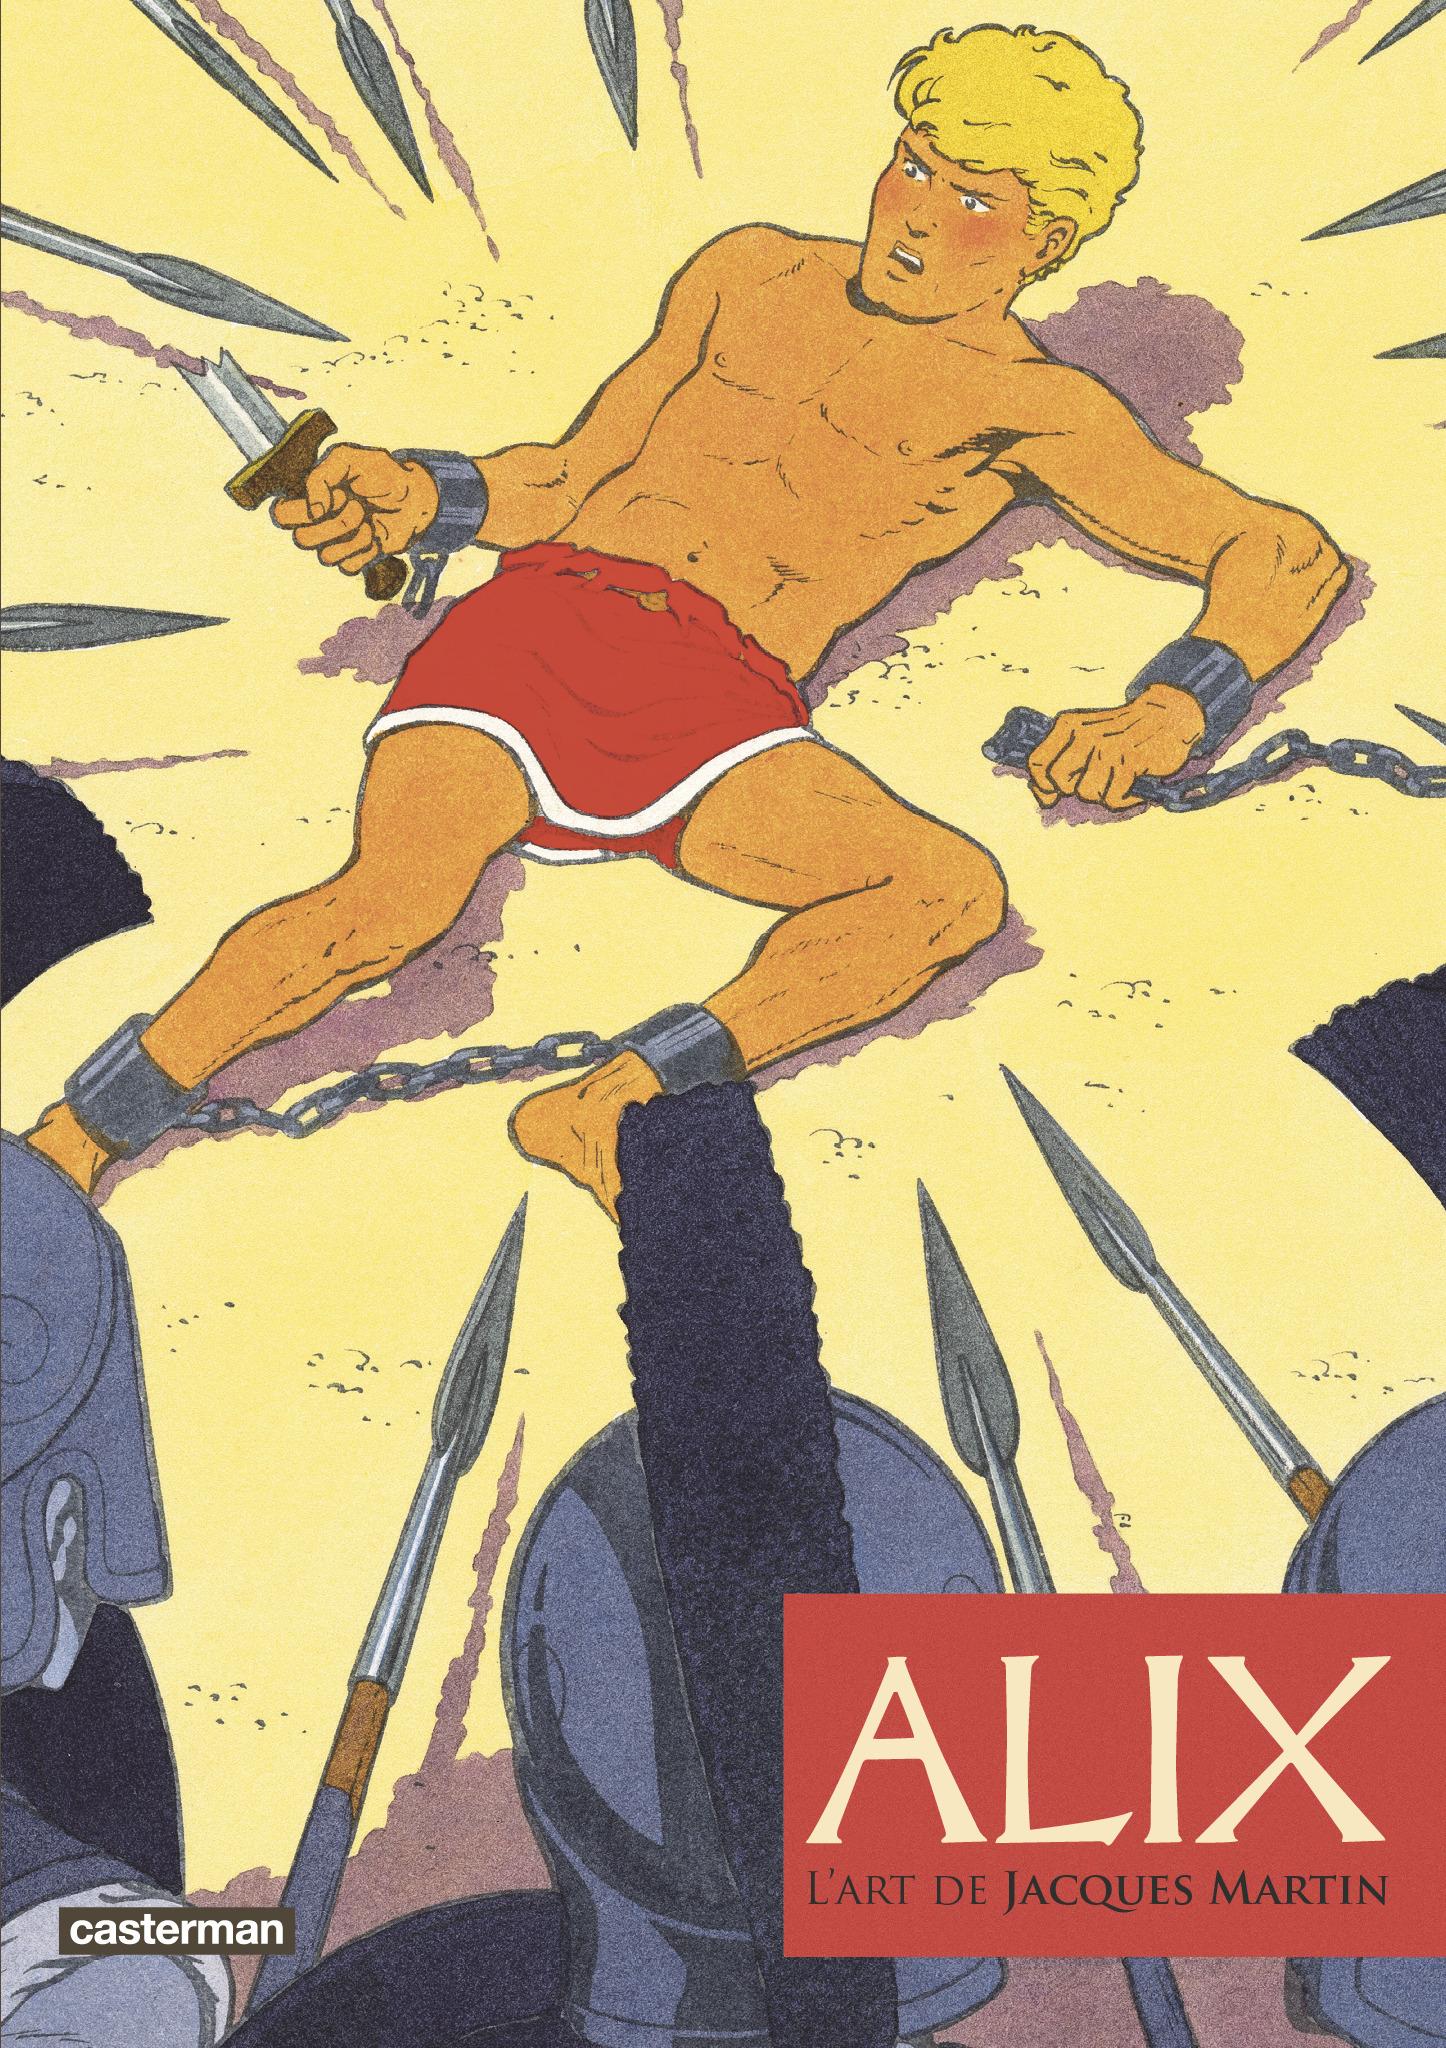 ALIX, L'ART DE JACQUES MARTIN